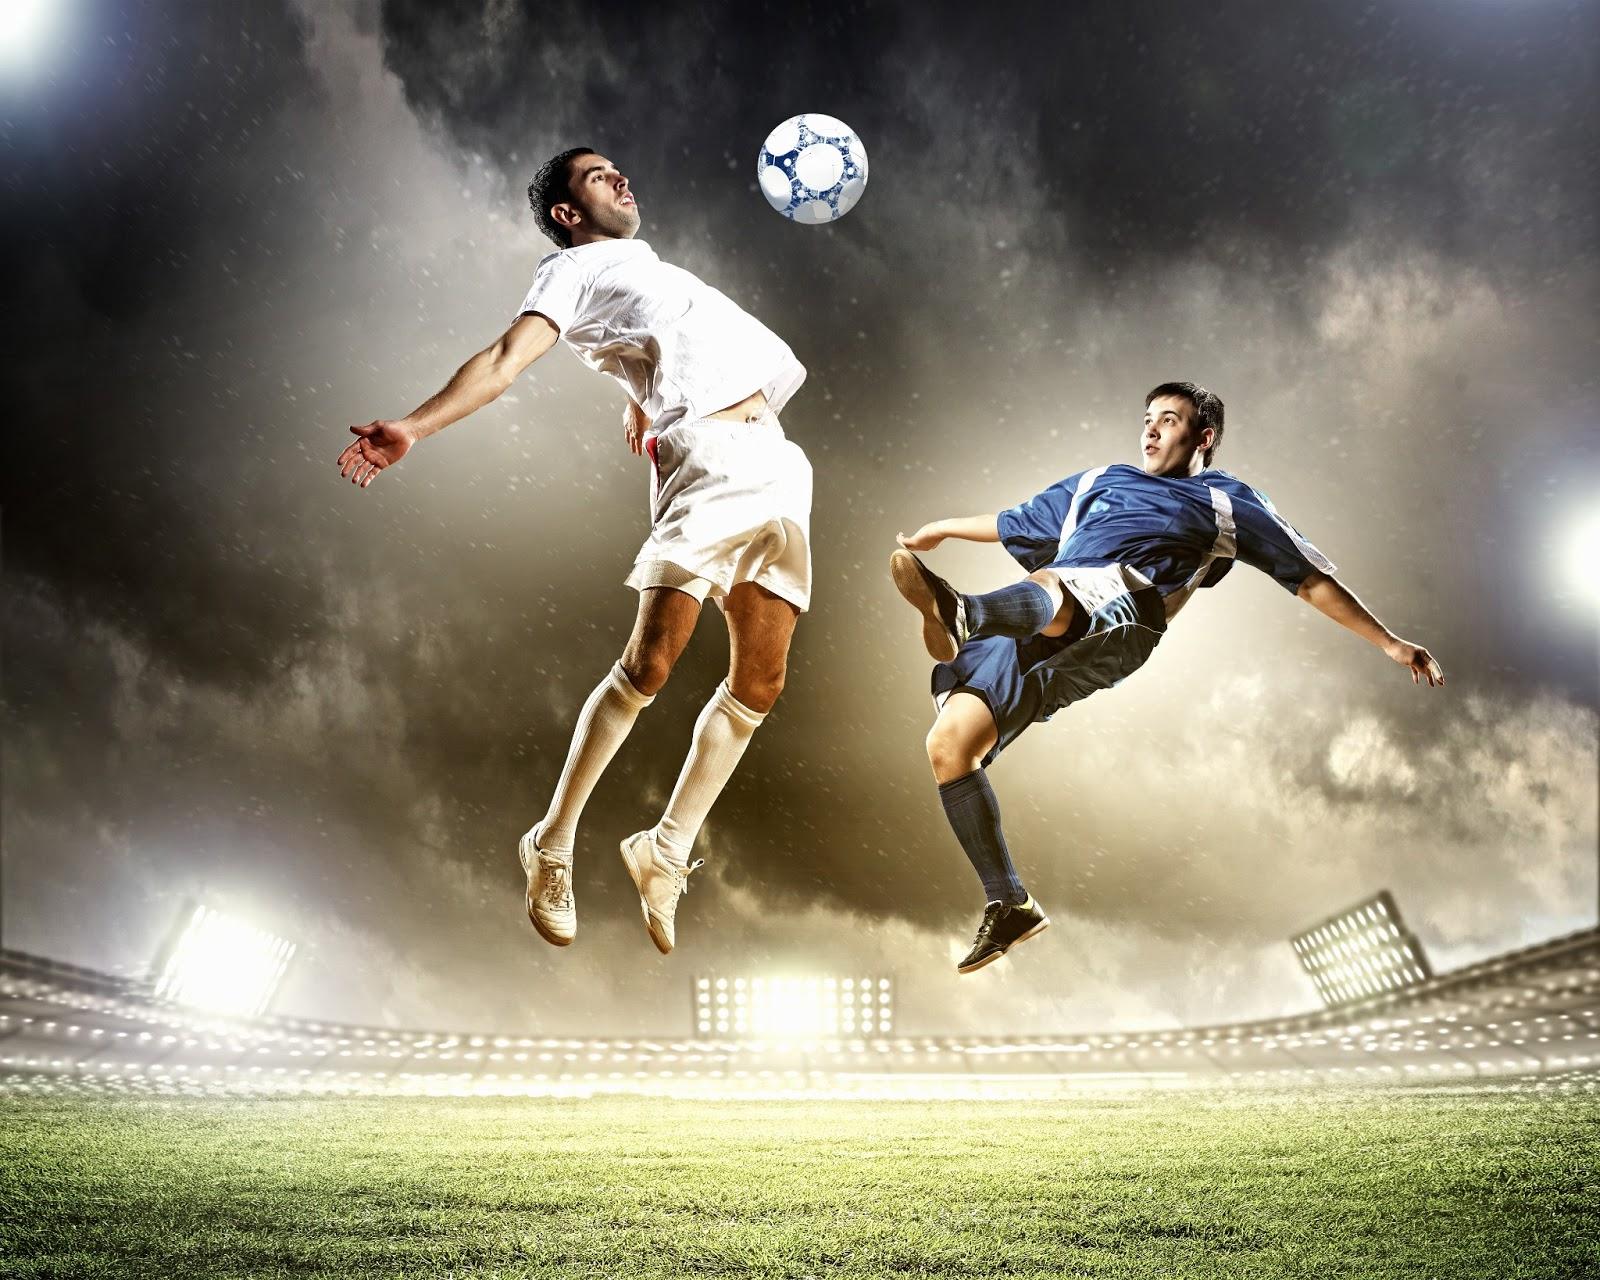 Casa de apuestas deportivas c mo seleccionar la mejor - Mejor casa de apuestas deportivas ...